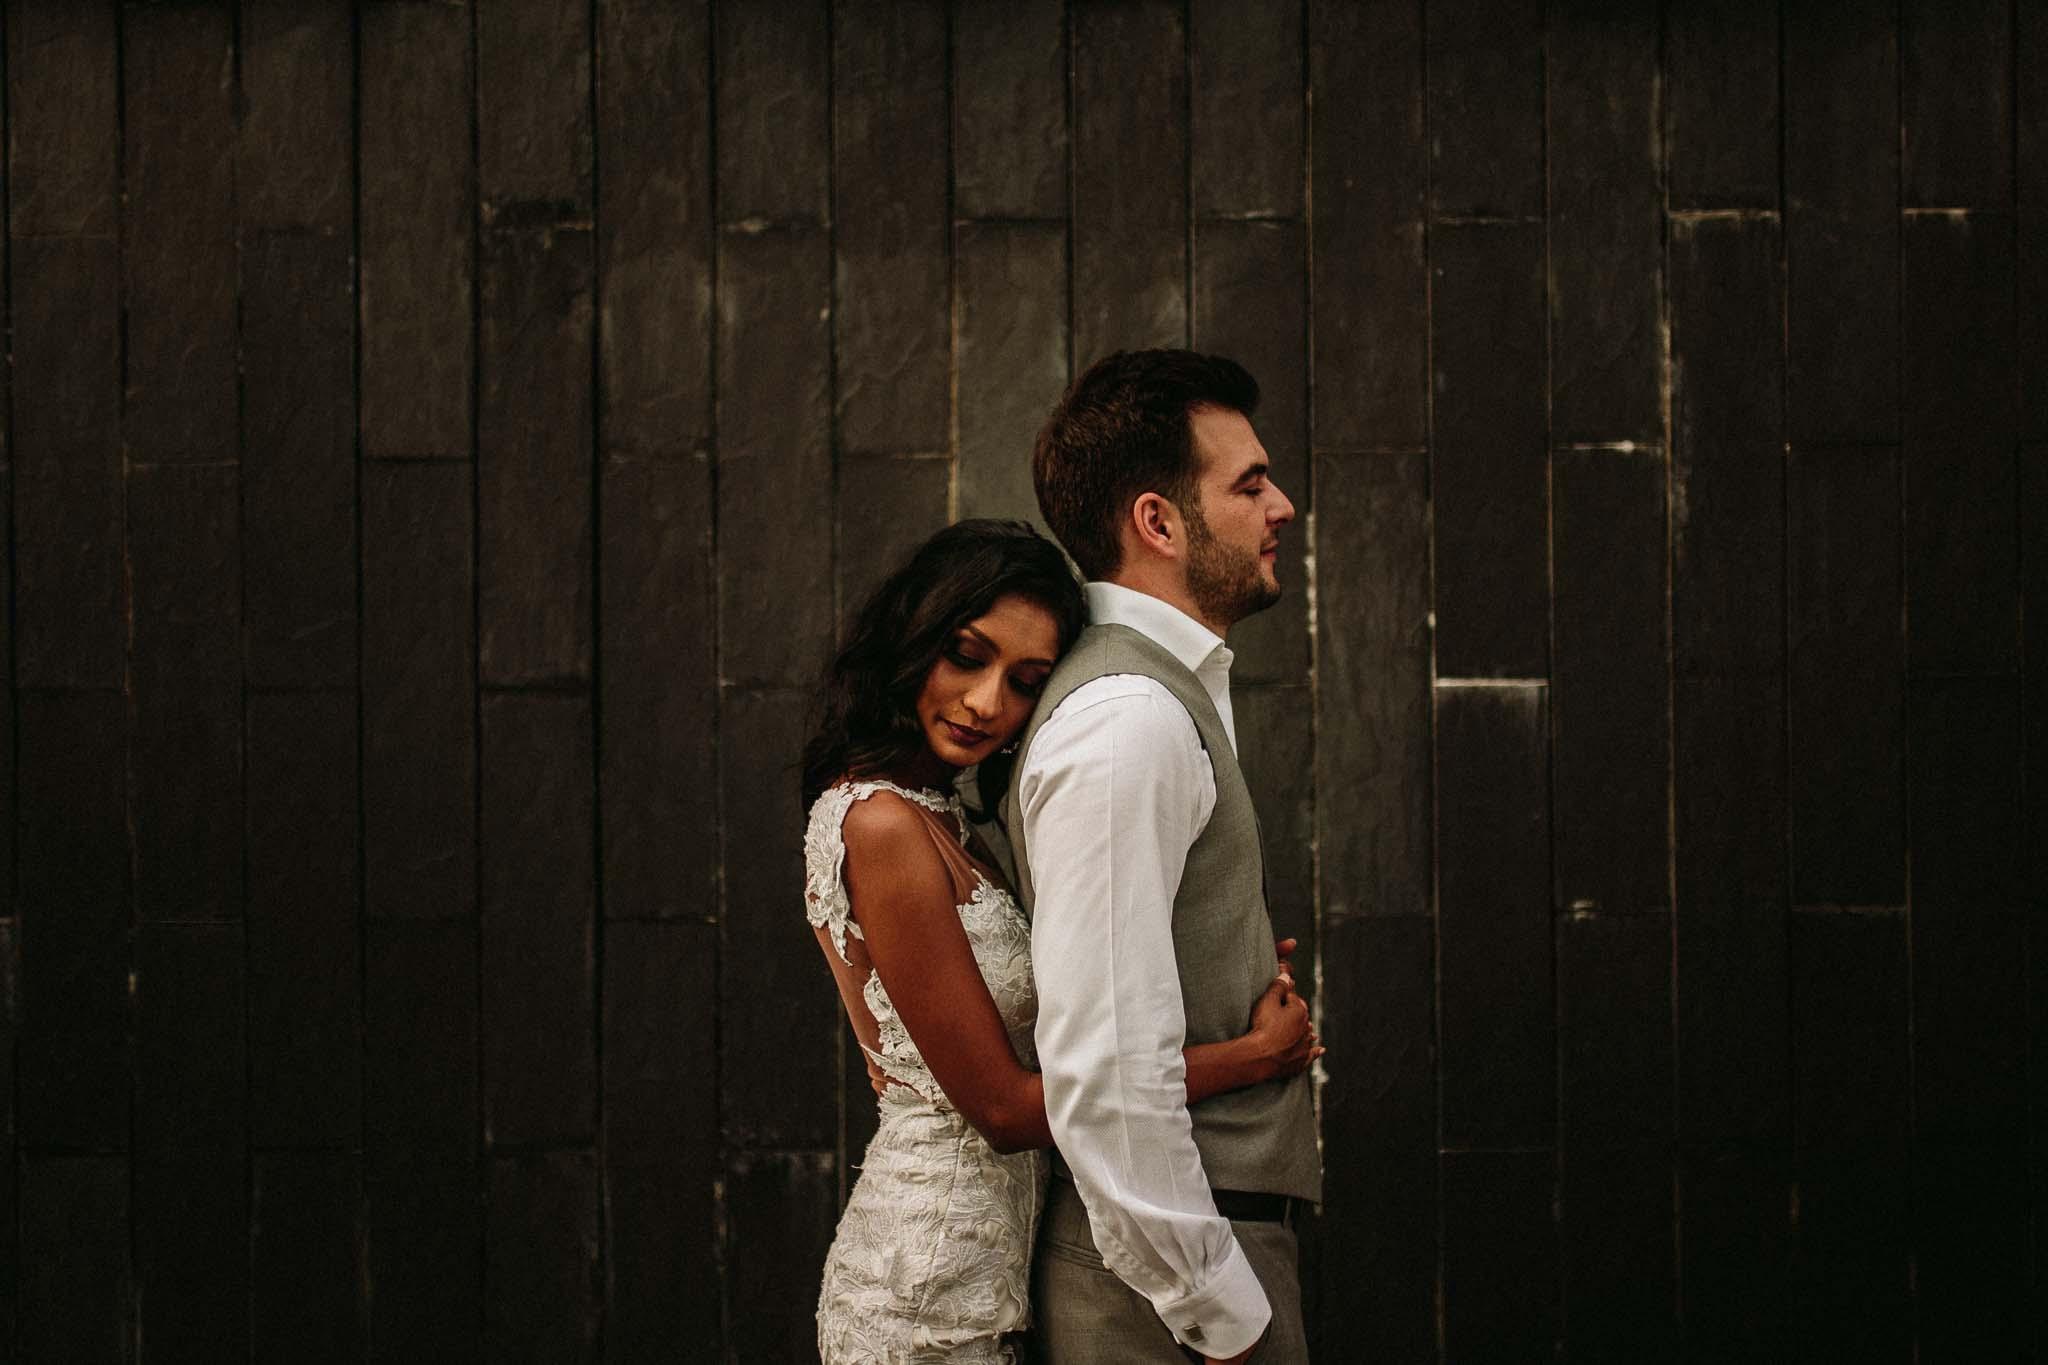 u&m-weddingsbyqay-lovesession-destinationweddingphotographer (111 of 160).jpg